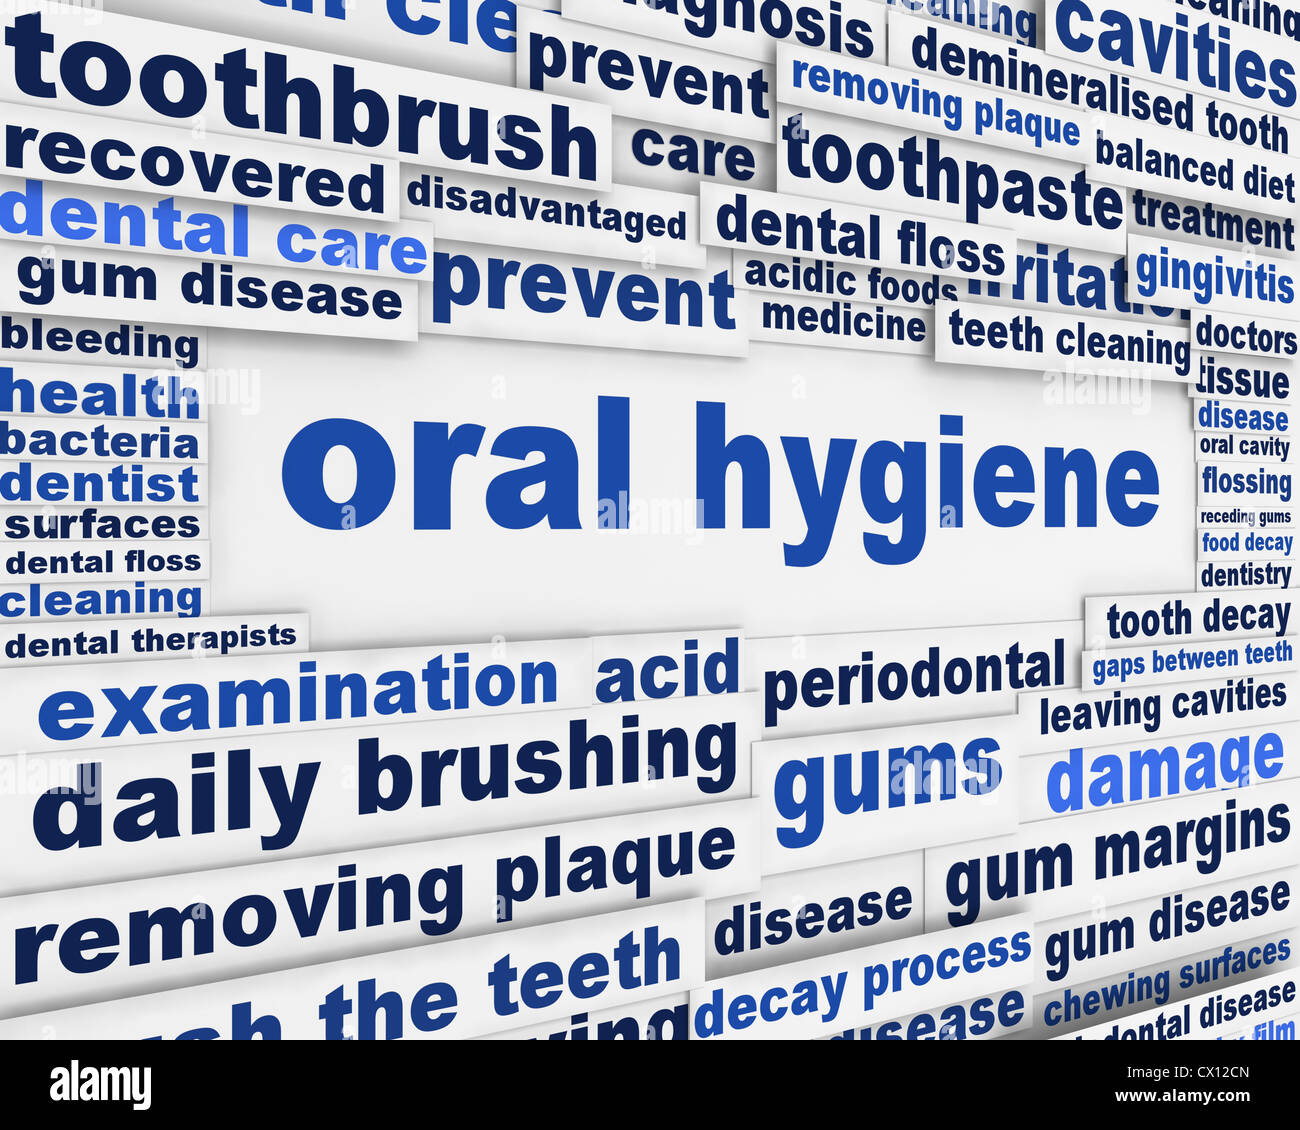 Poster design keywords - Oral Hygiene Slogan Poster Design